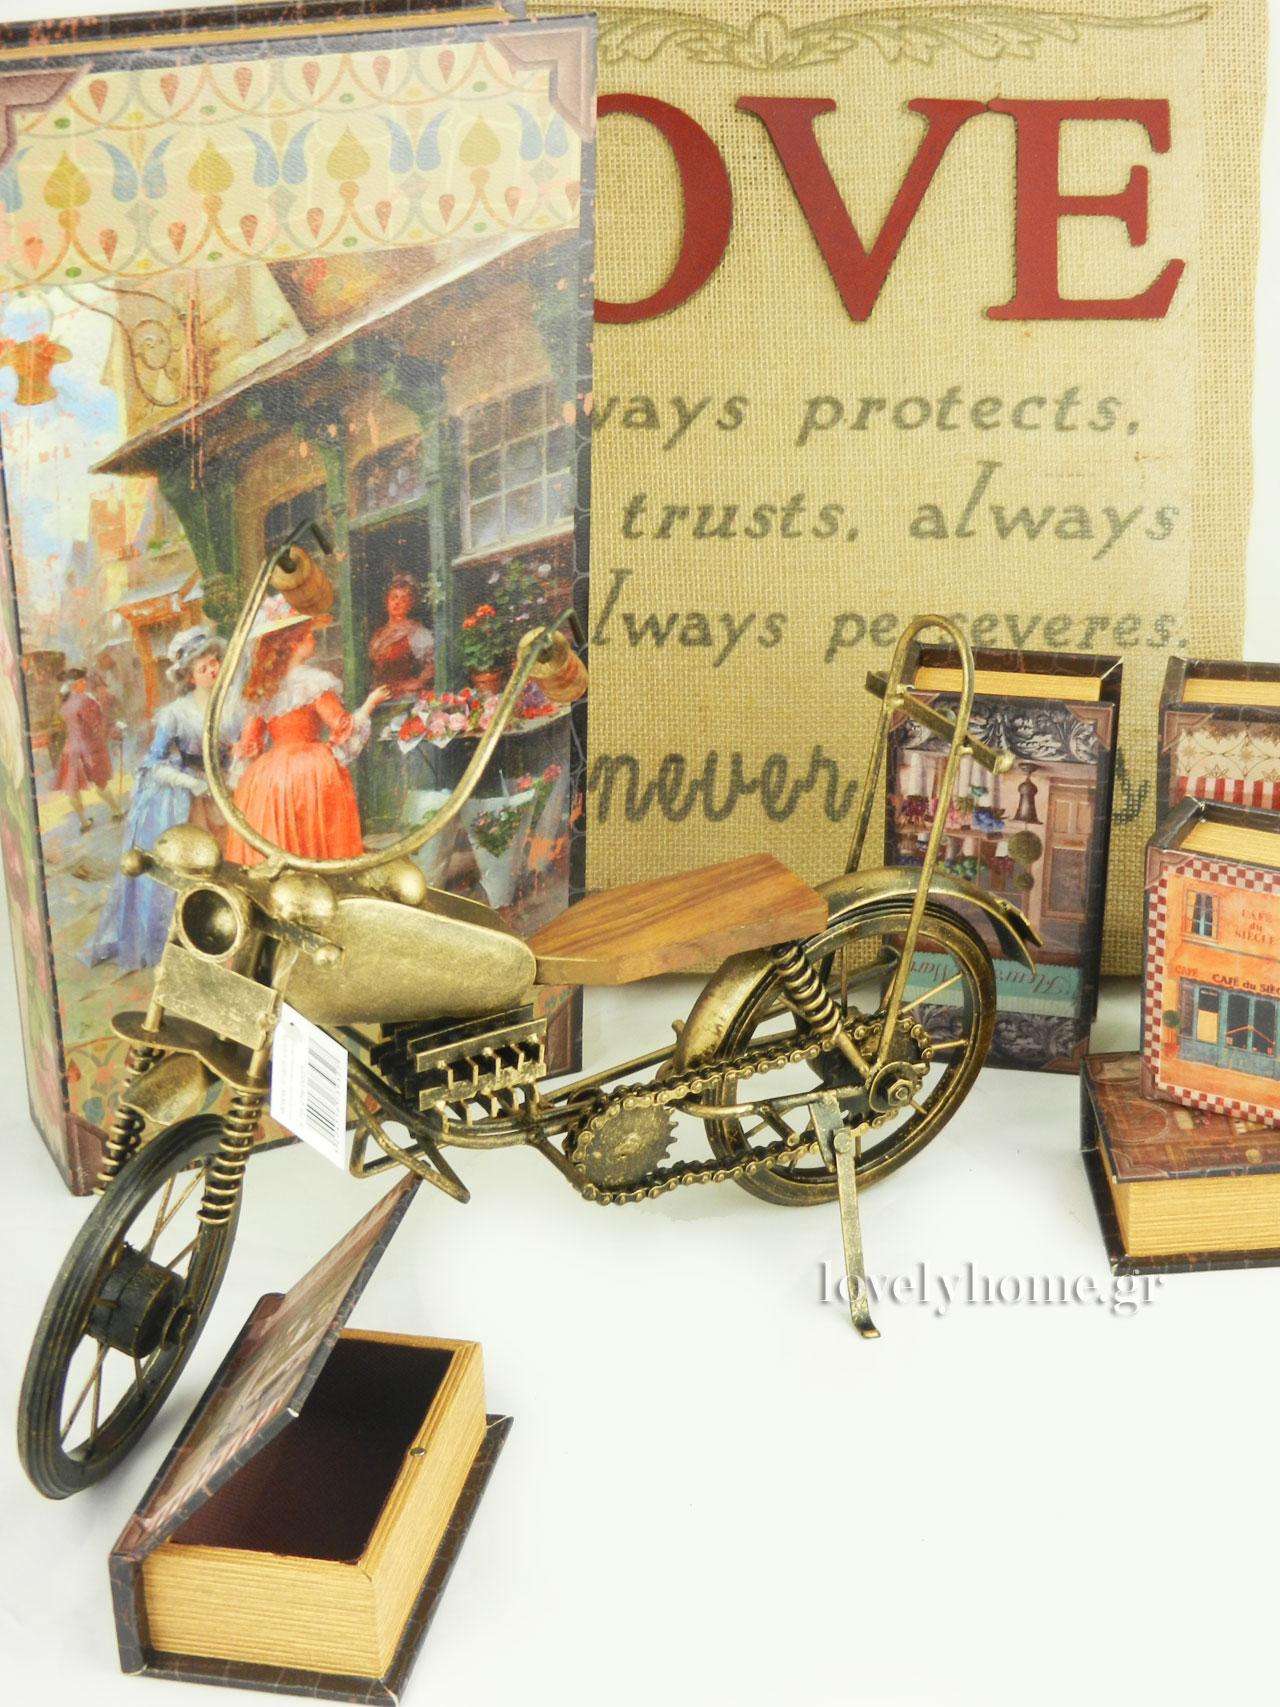 Μινιατούρες δίτροχων οχημάτων, βιβλία κουτιά και πίνακας από λινάτσα με επιγραφή LOVE